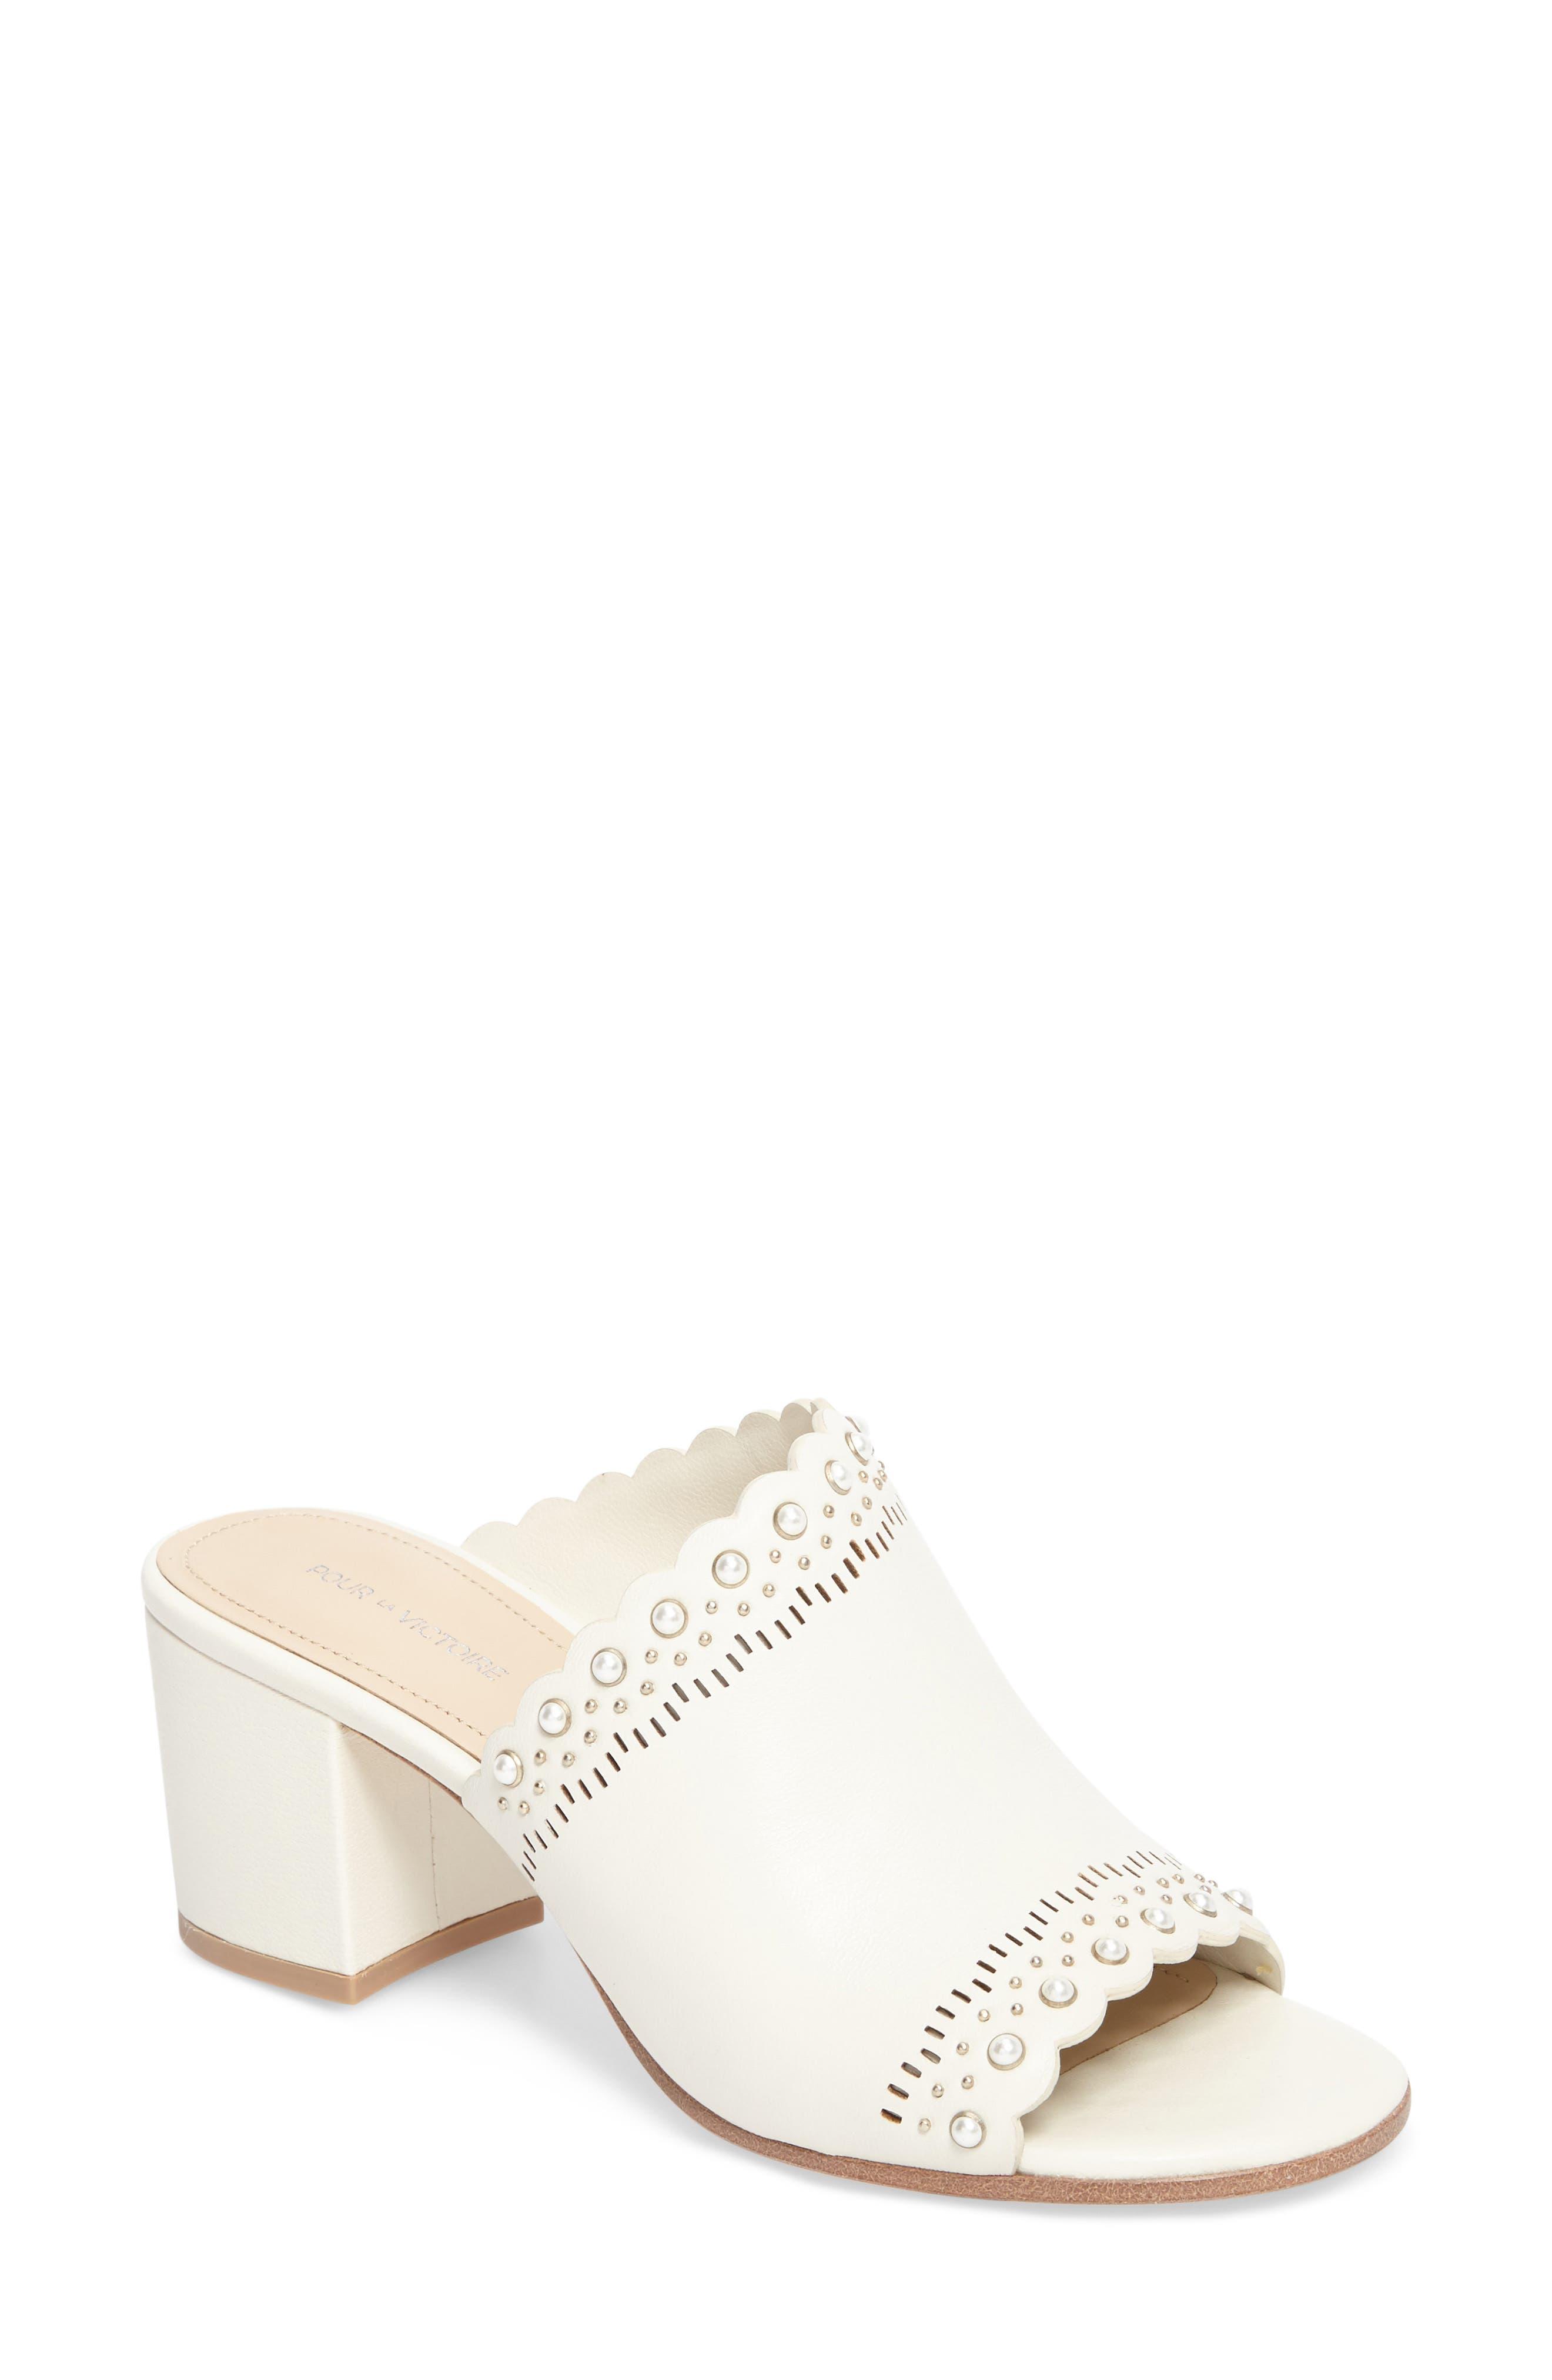 Alternate Image 1 Selected - Pour la Victoire Amela Embellished Slide Sandal (Women)